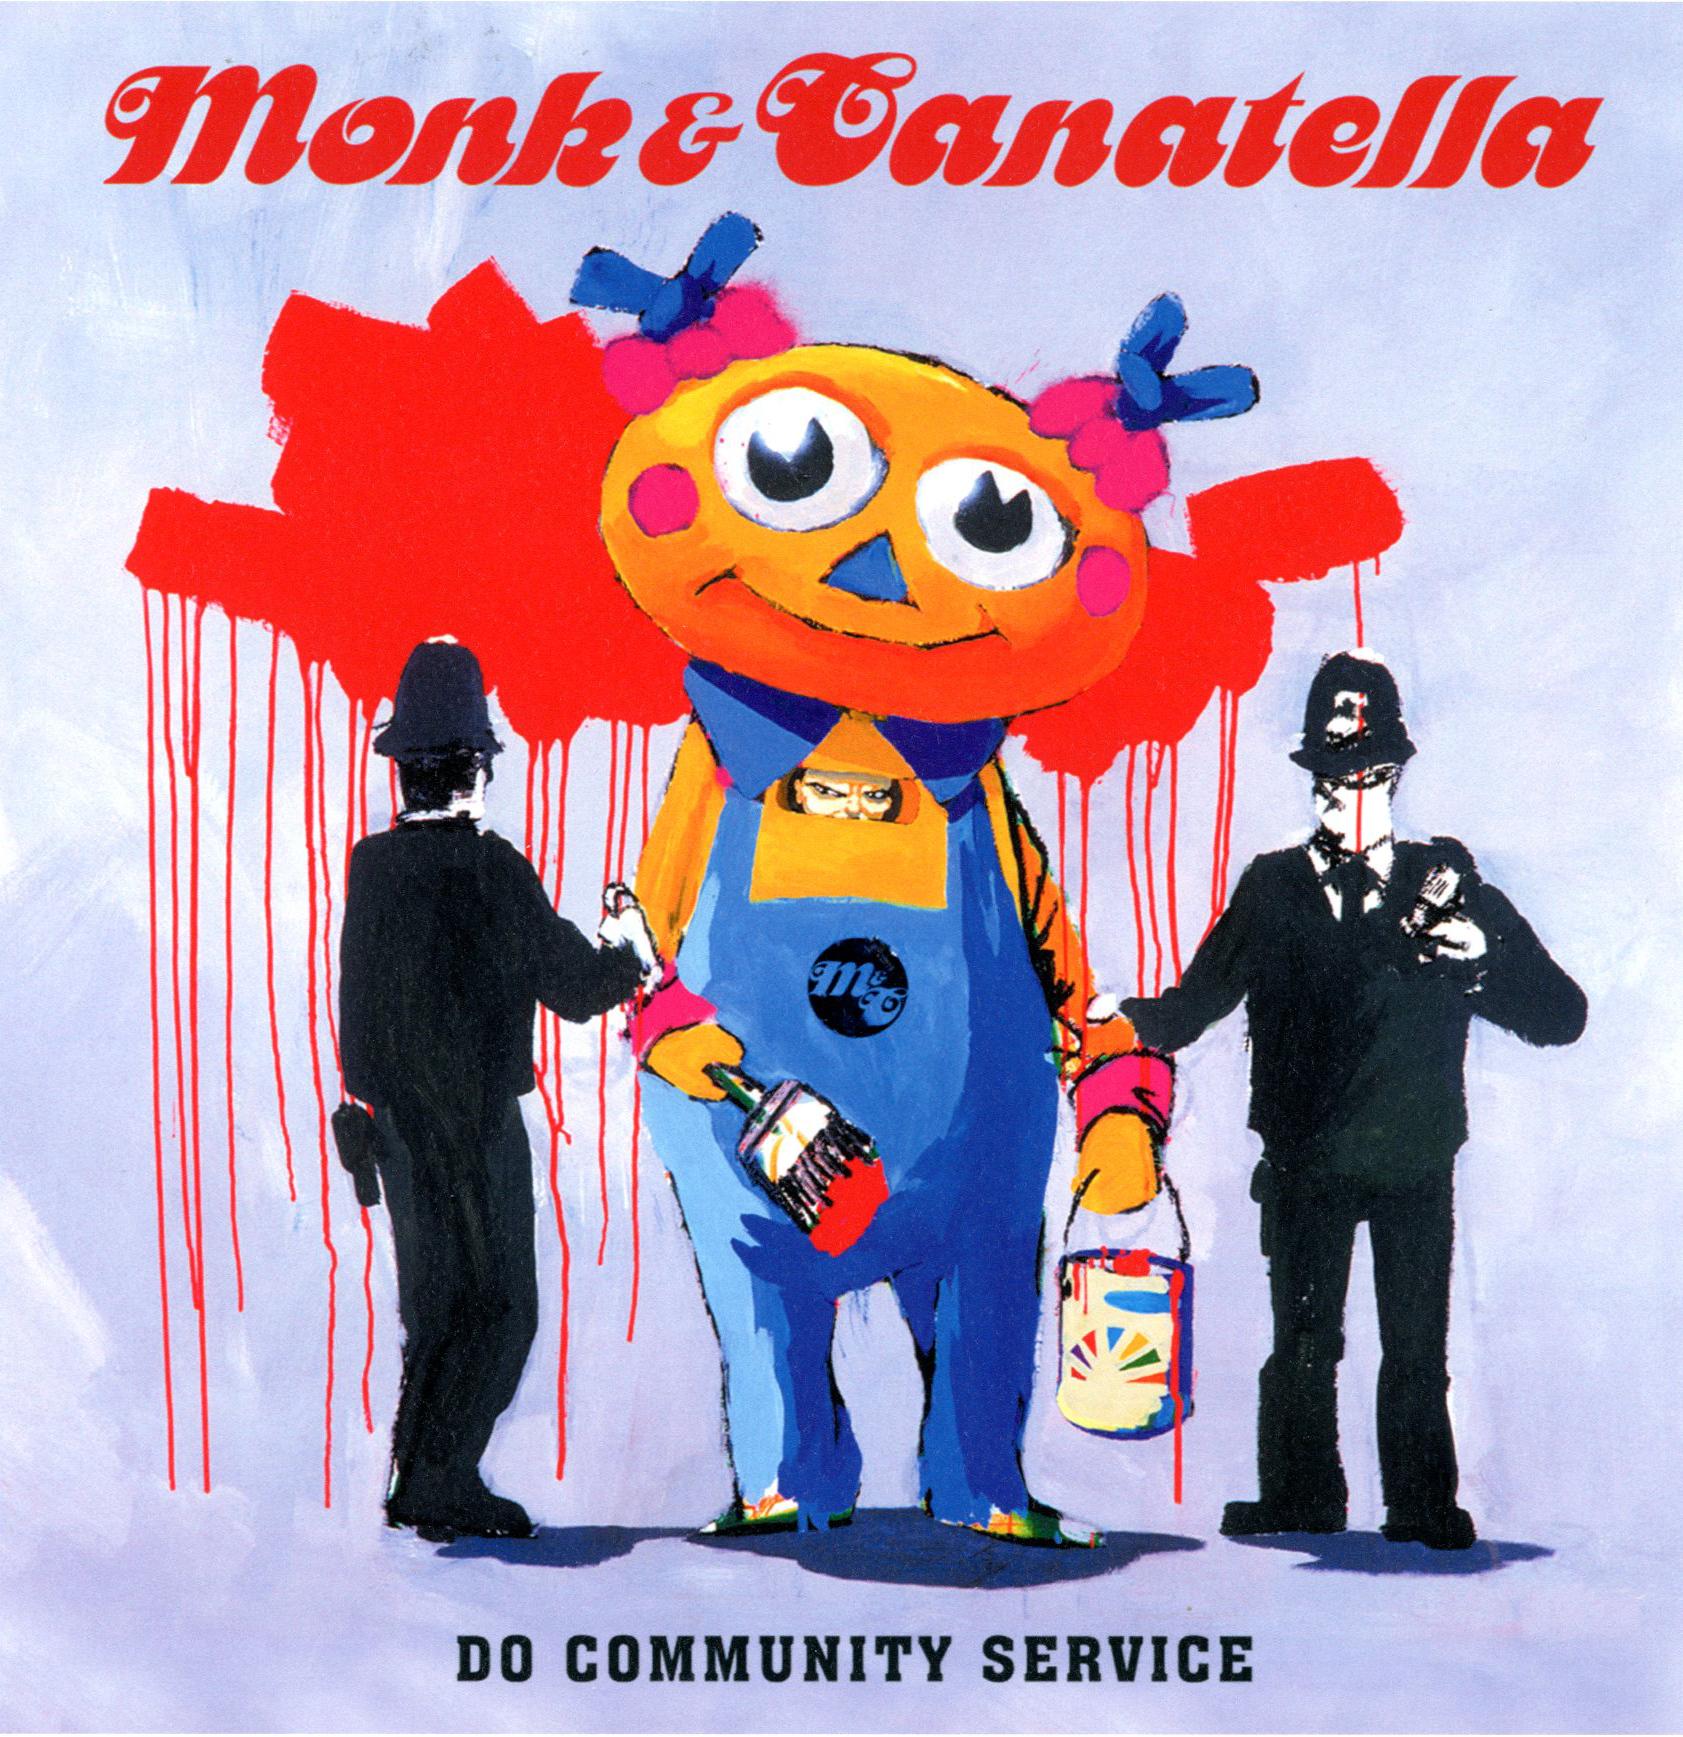 monk and canatella001